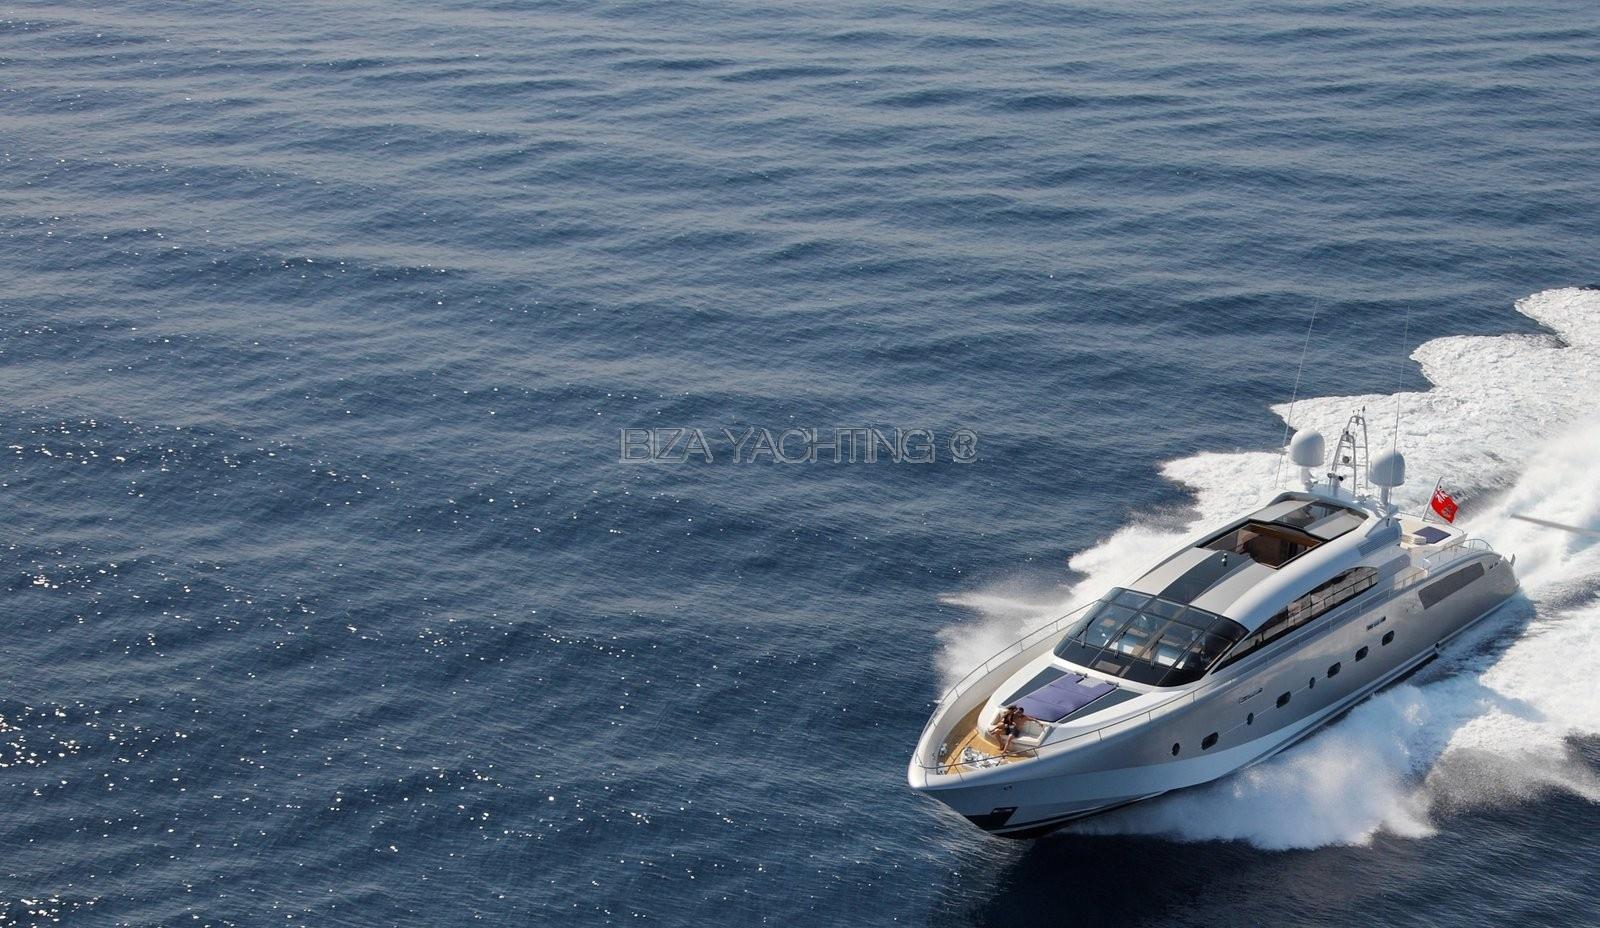 Barcos de alquiler en las Islas Baleares